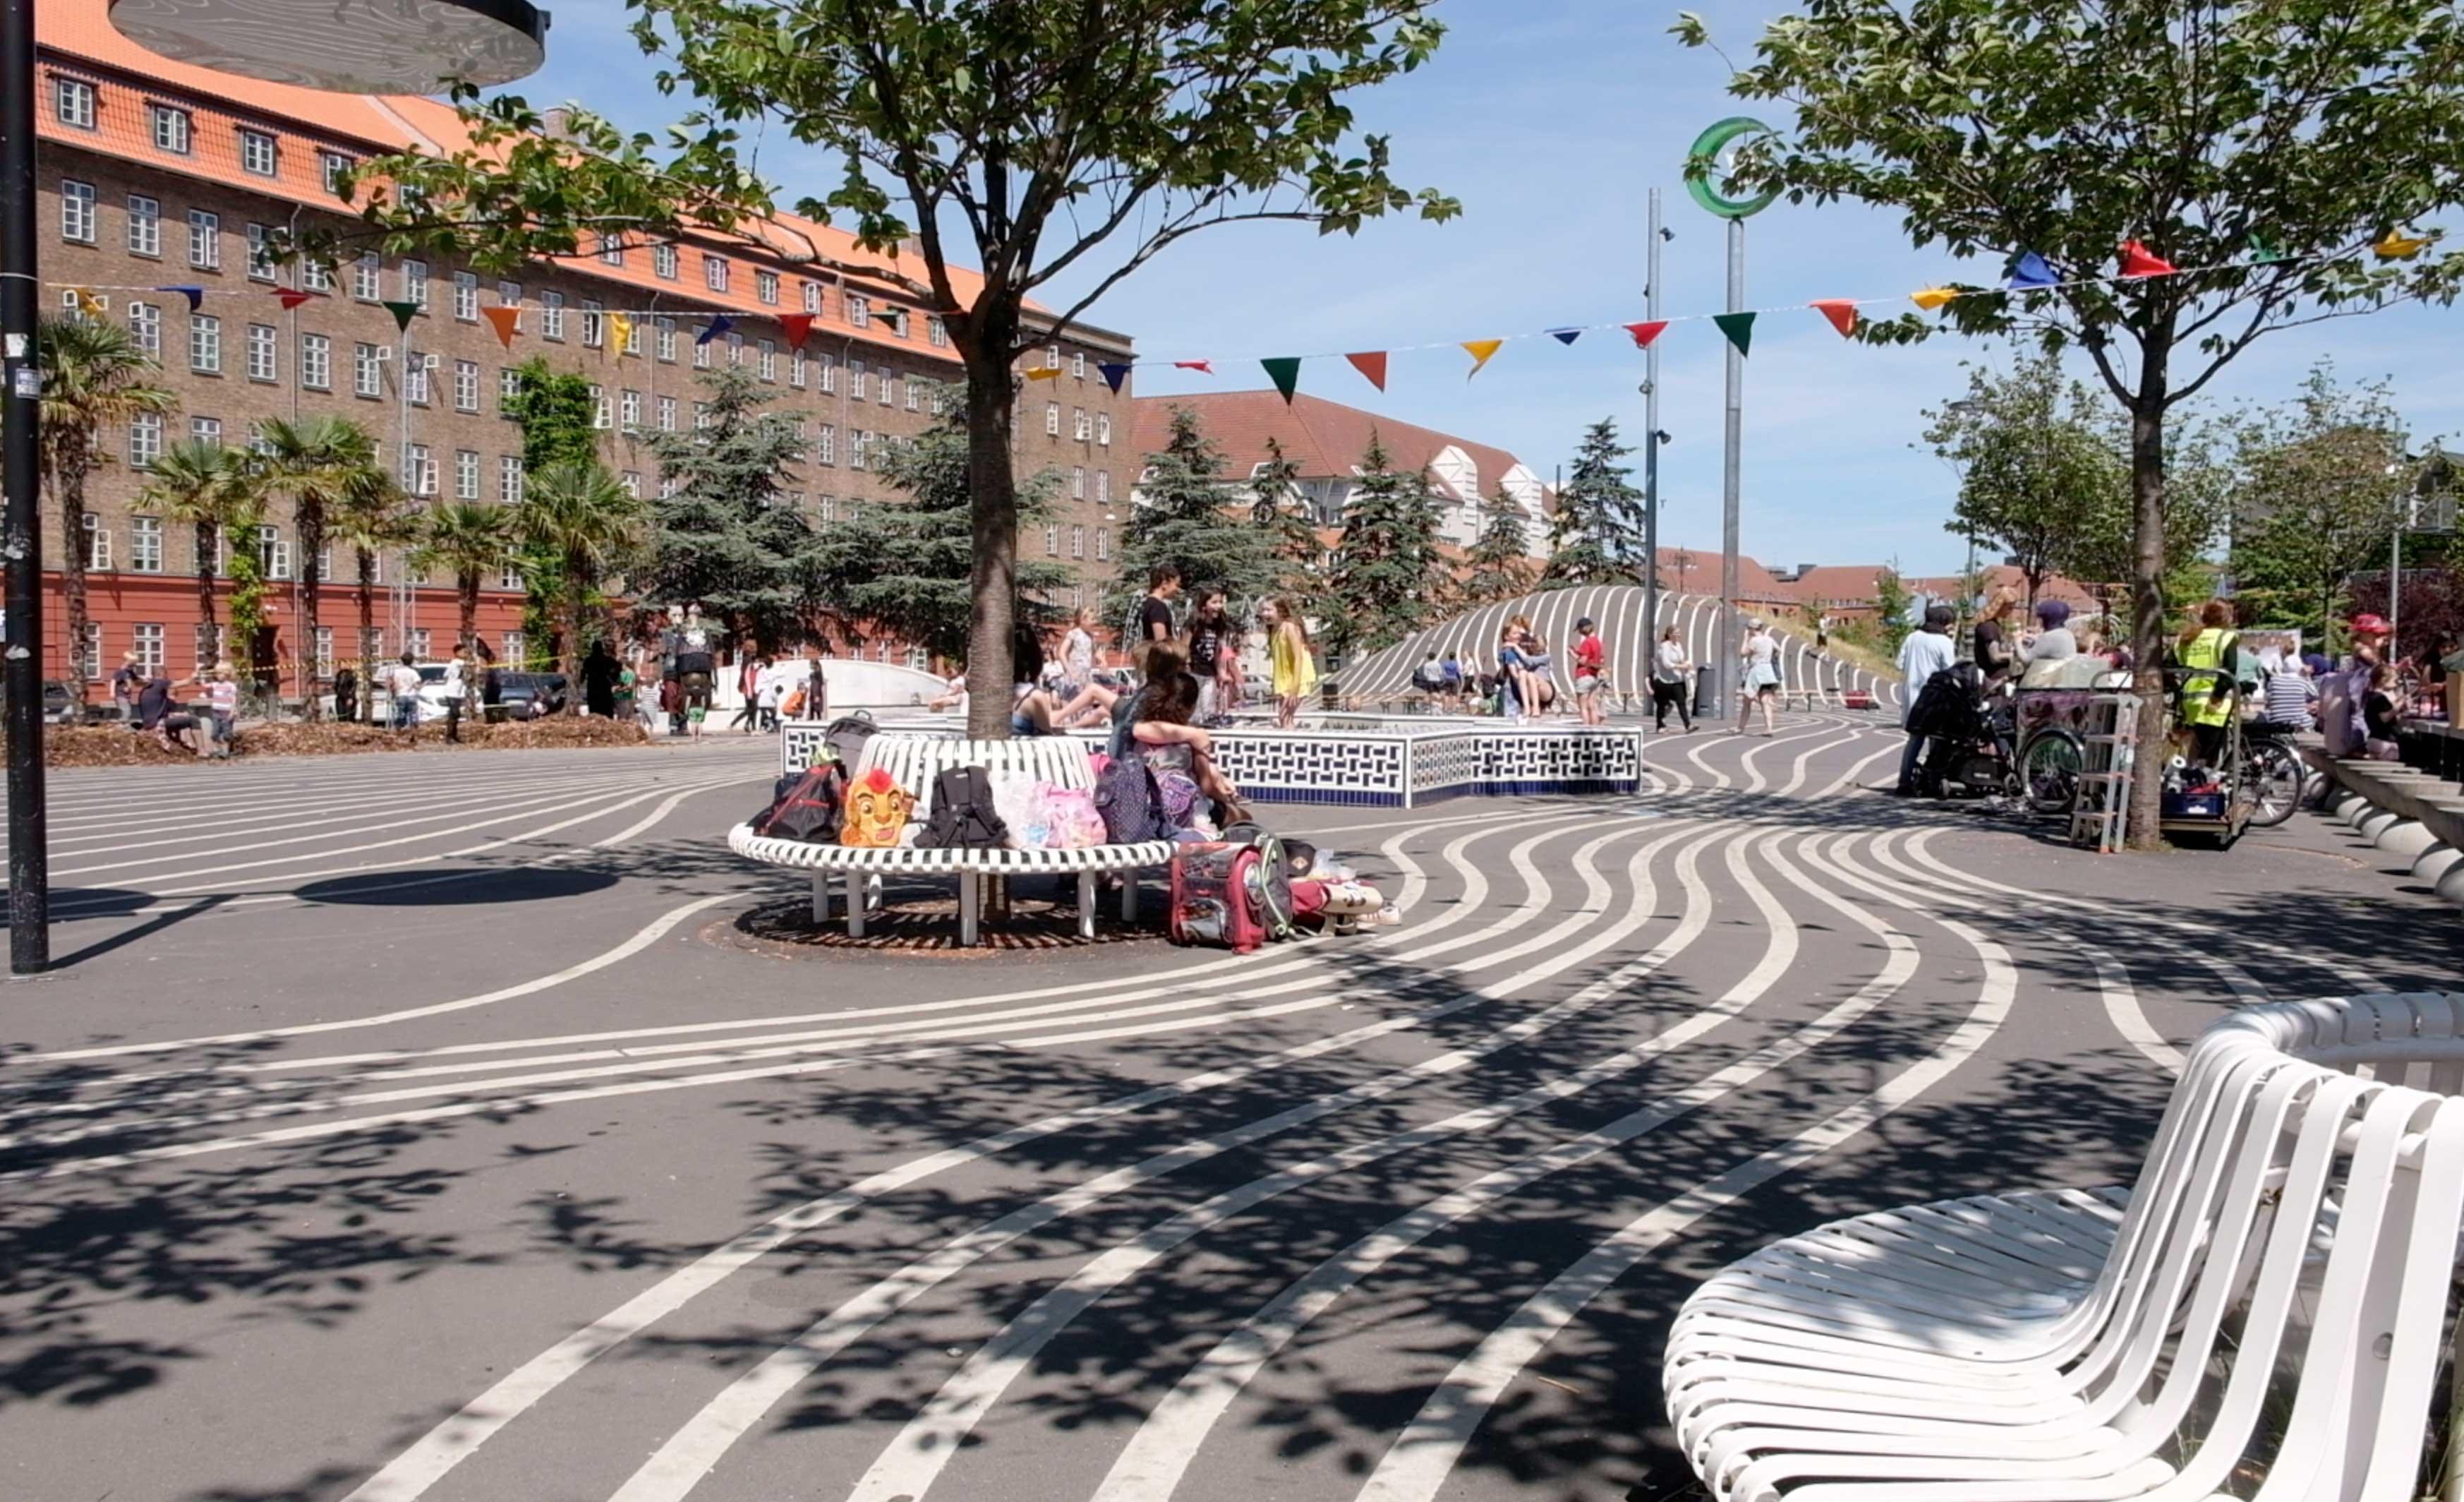 Urbancamper Exploring Copenhagen Superkilen